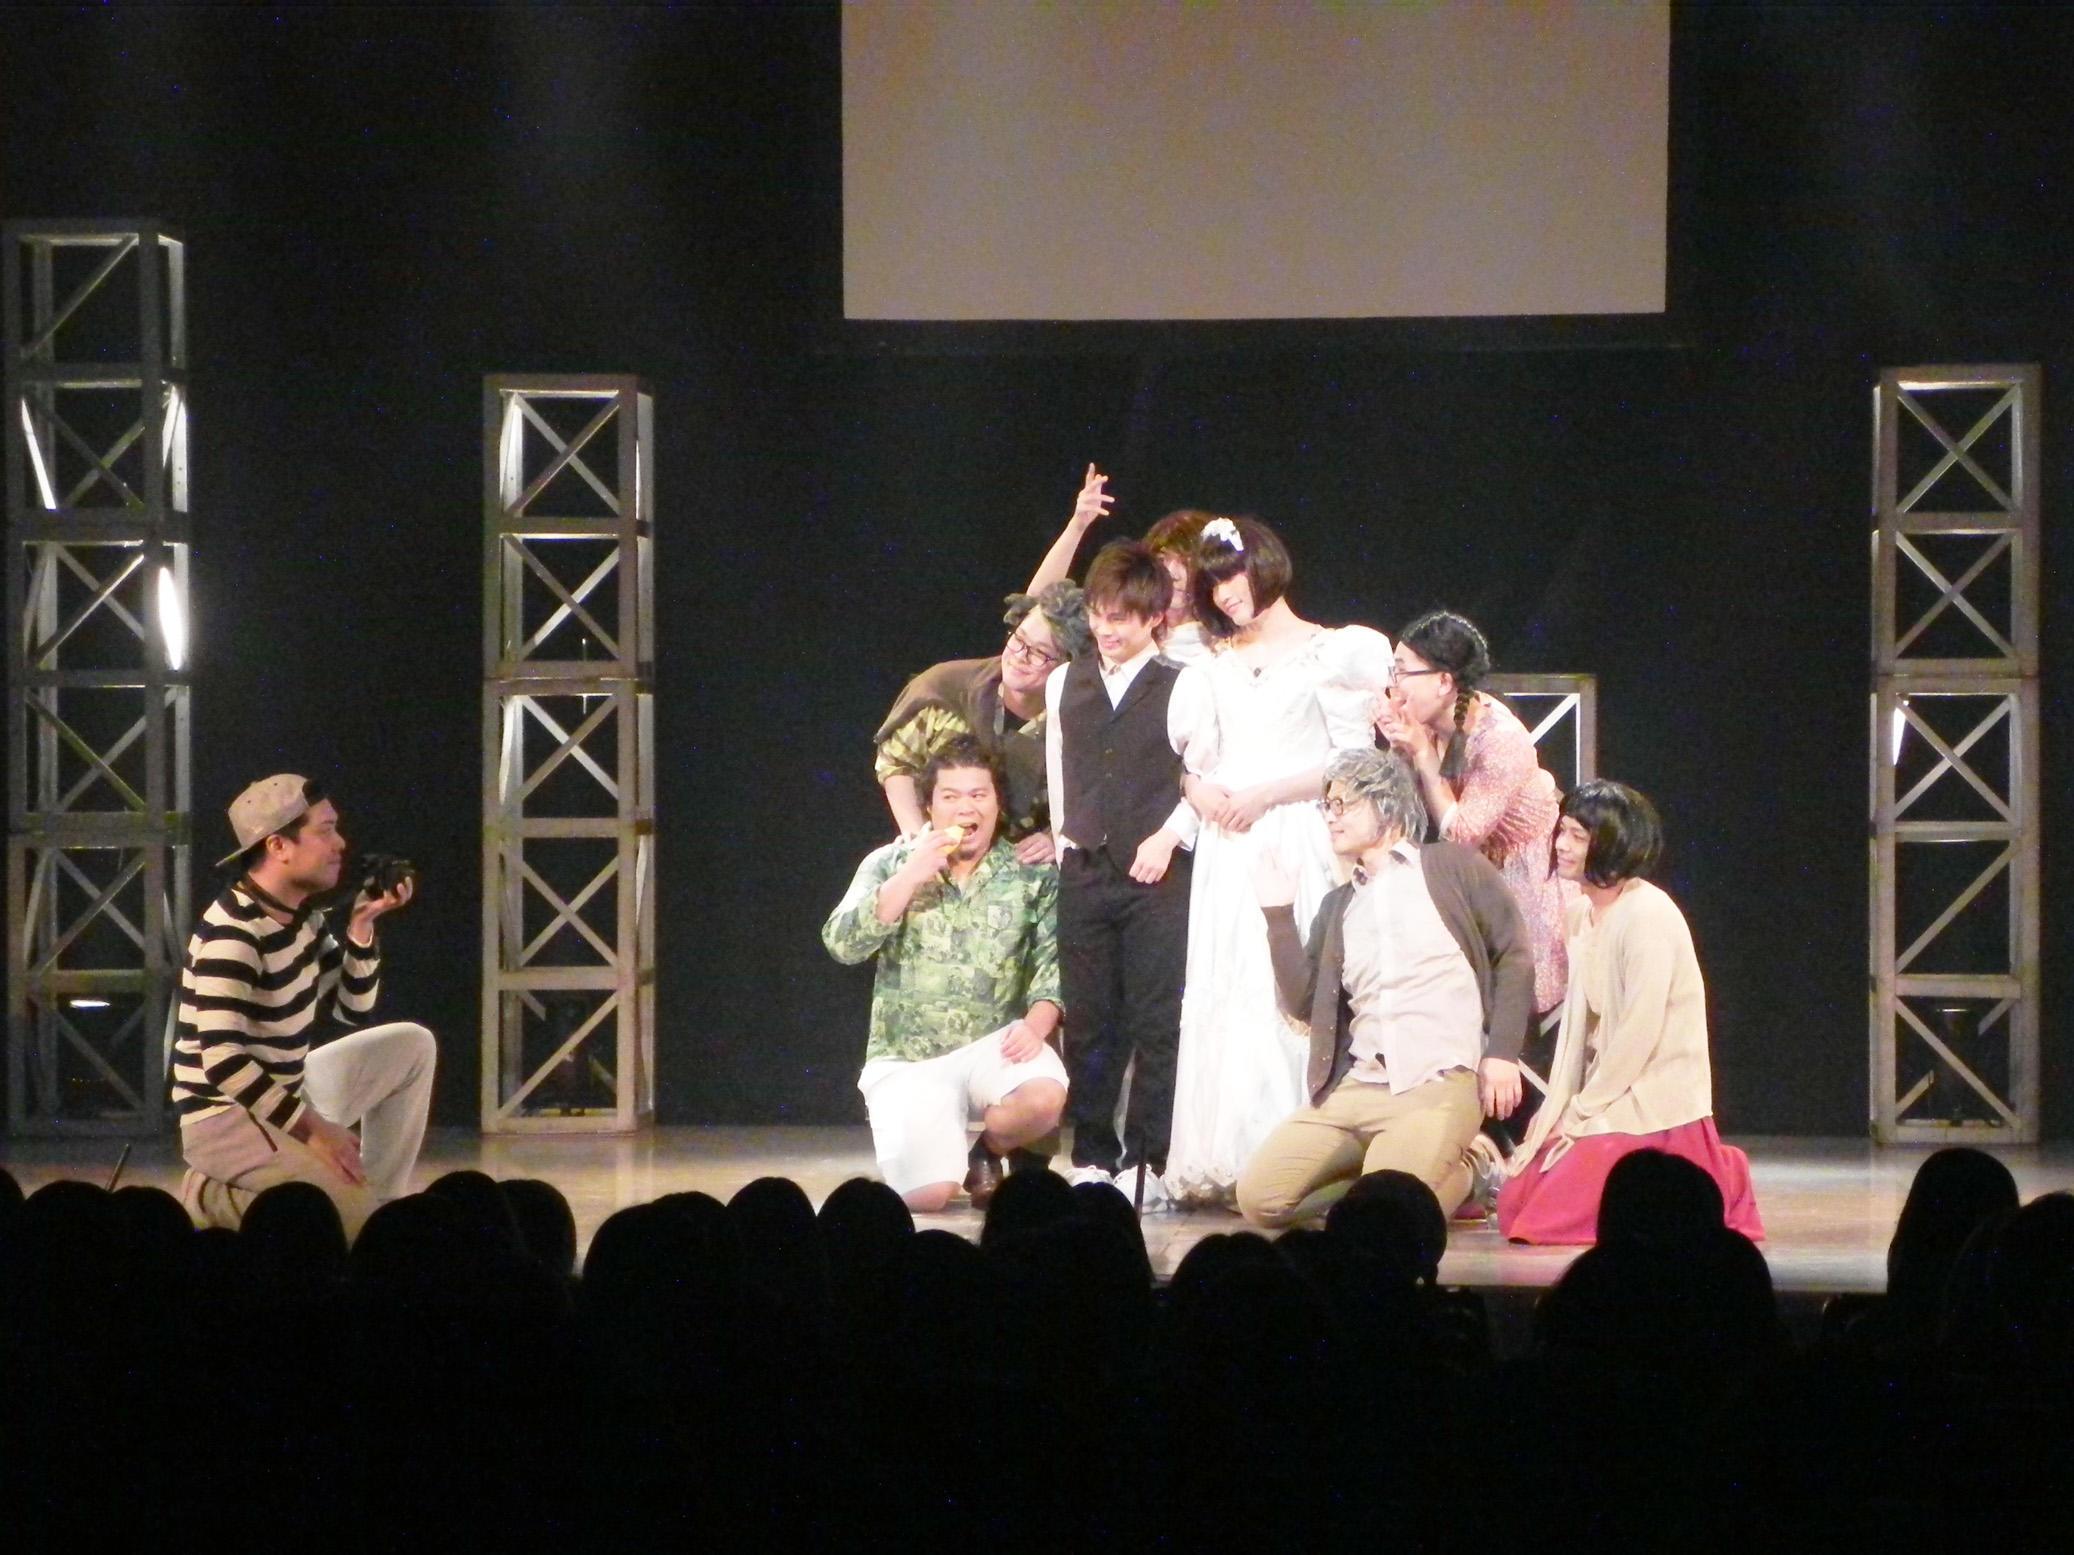 http://news.yoshimoto.co.jp/20170507155308-ef7cf86e16f975ac11208142ee1164d0f479dcef.jpg